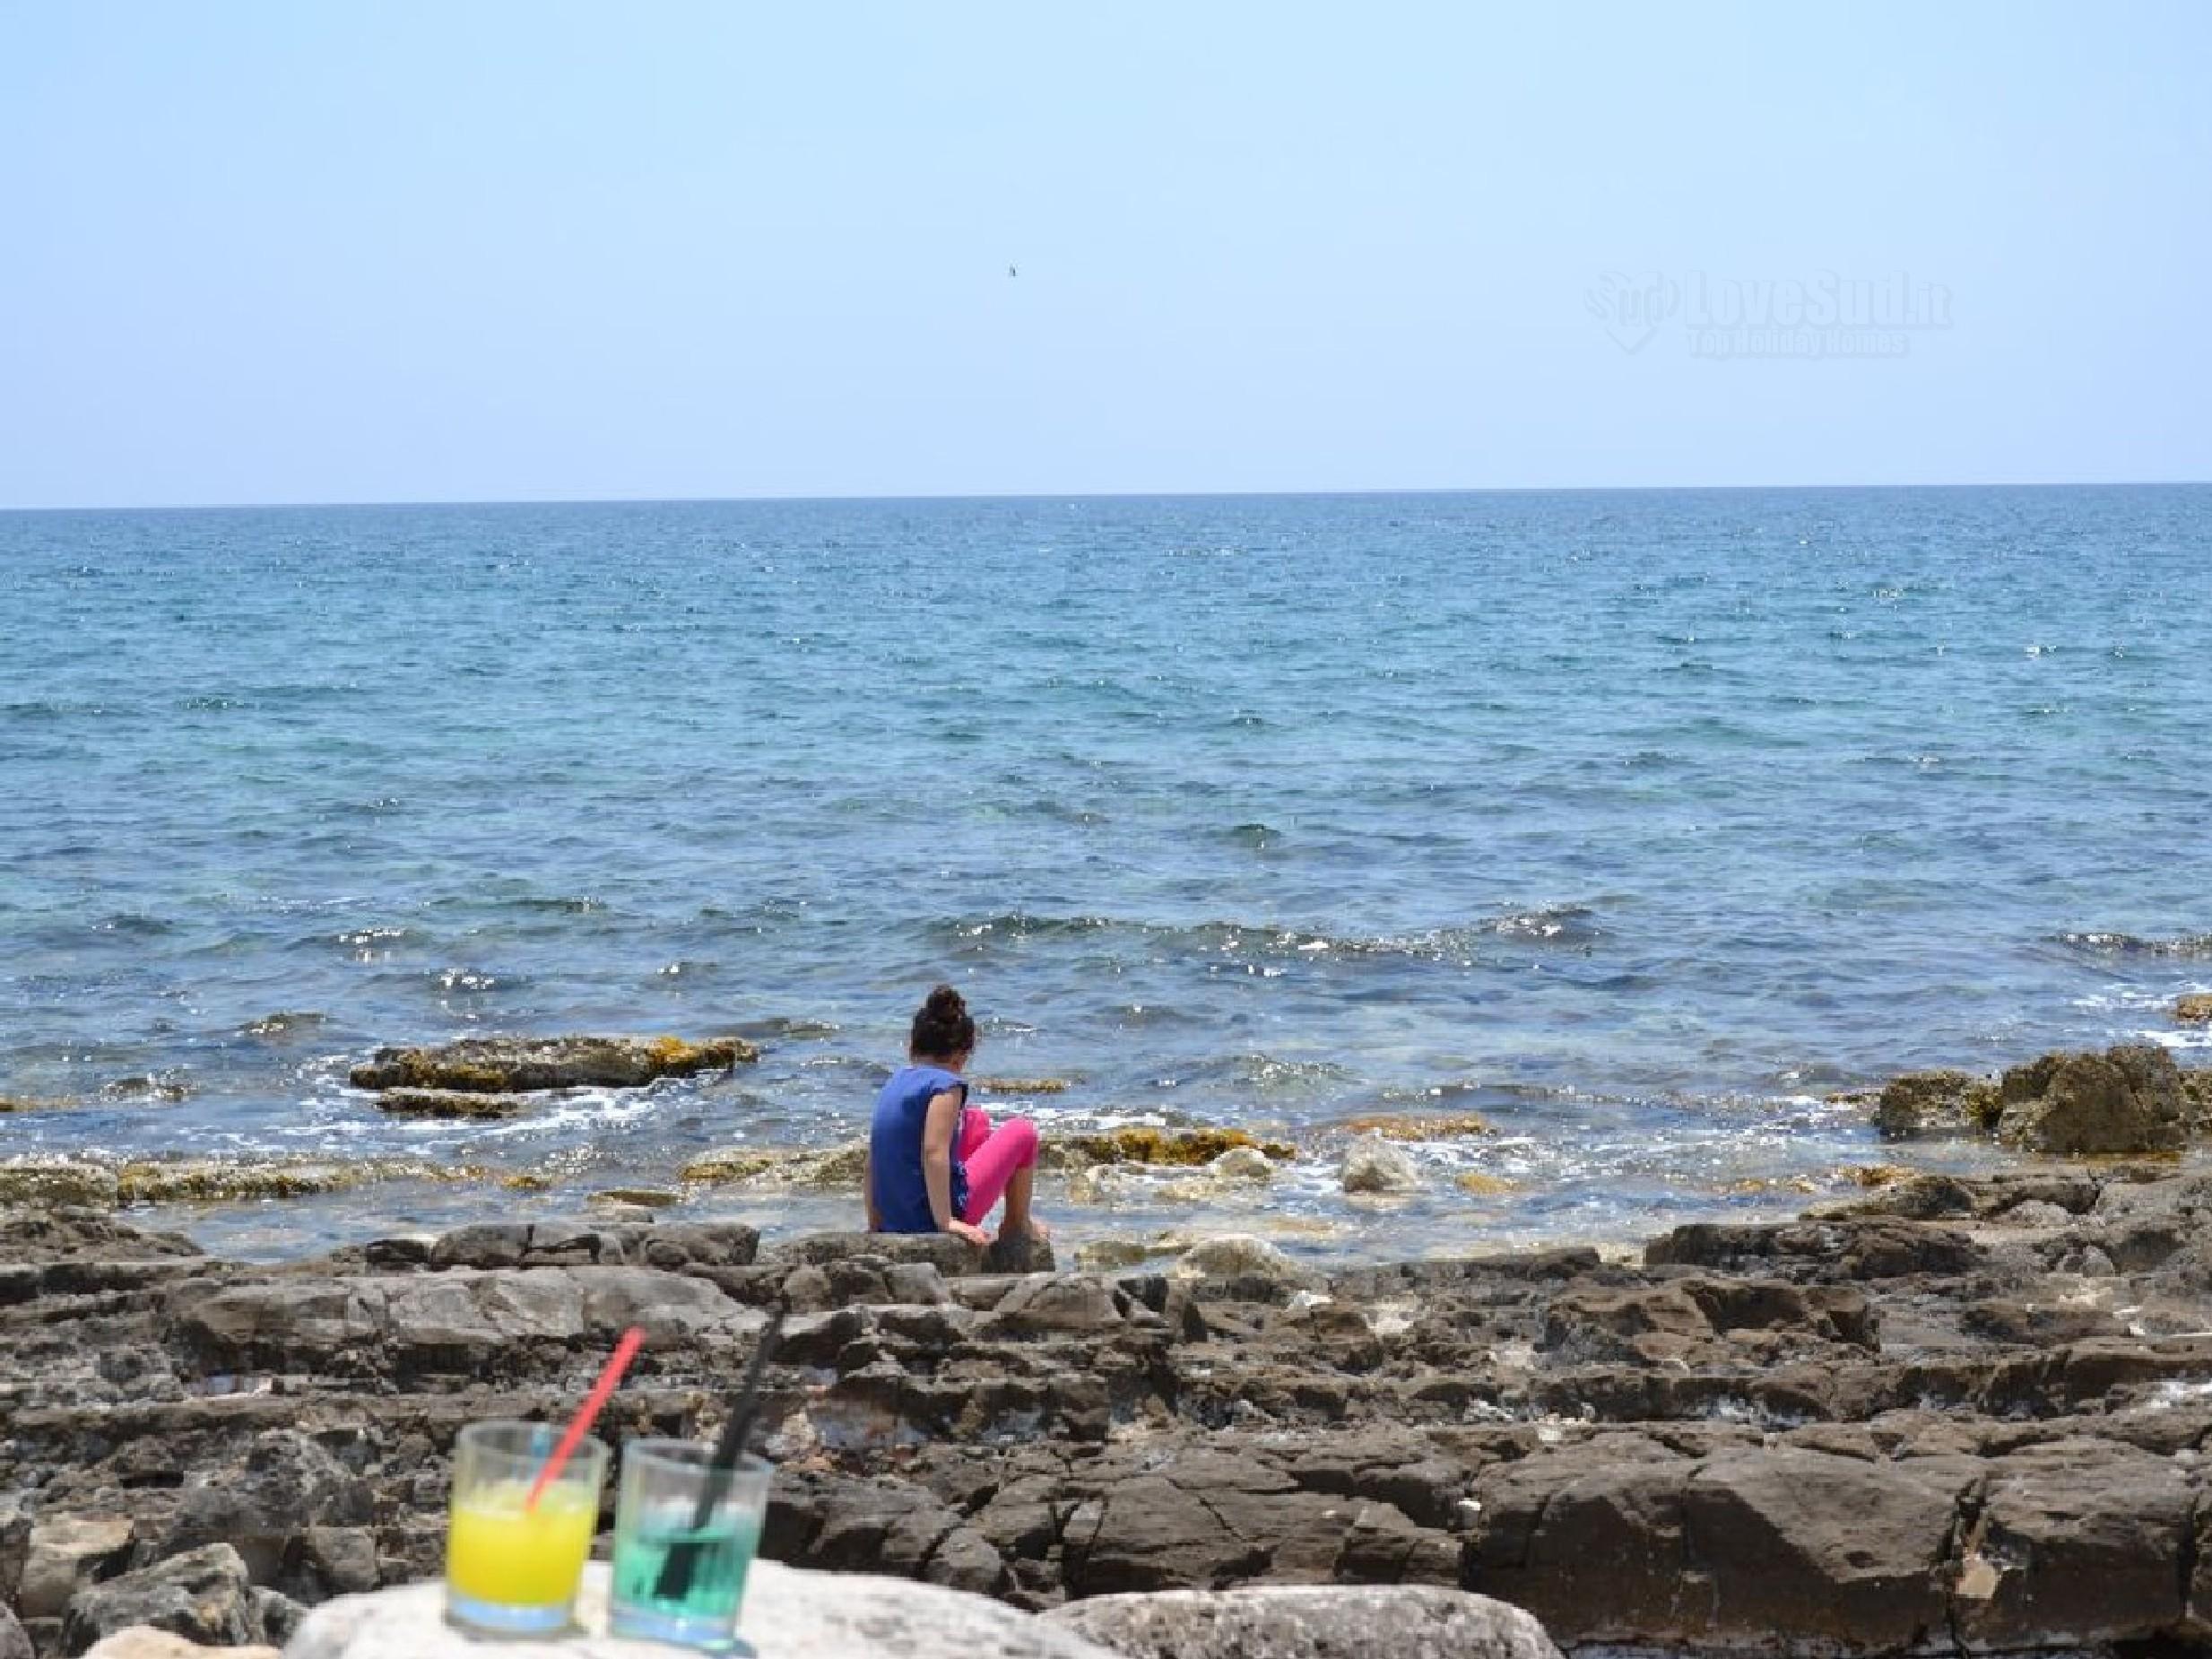 Rifugio private sea access photo 20260829